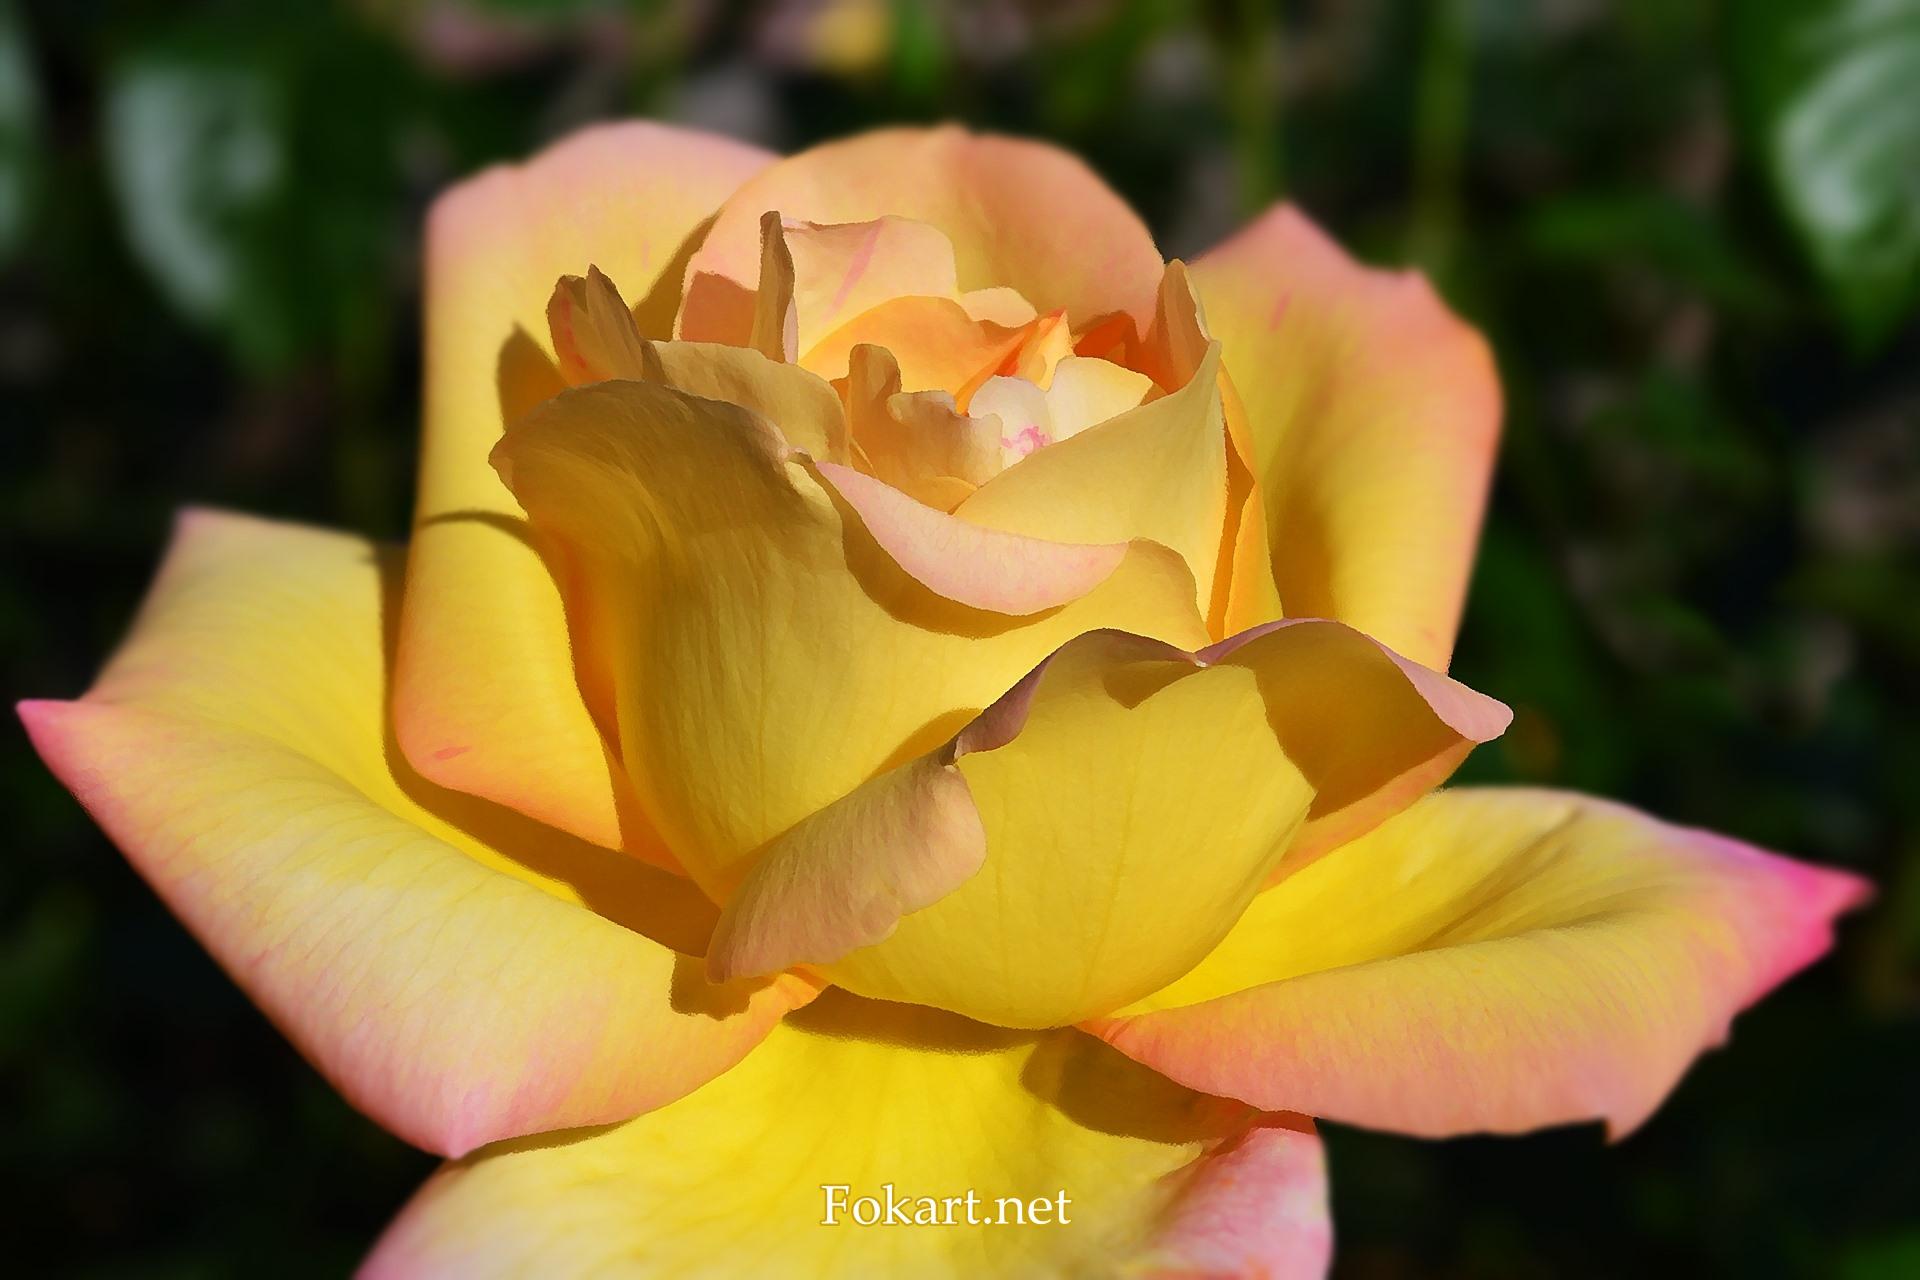 Жёлтая роза с розовыми краями лепестков, фото-картина